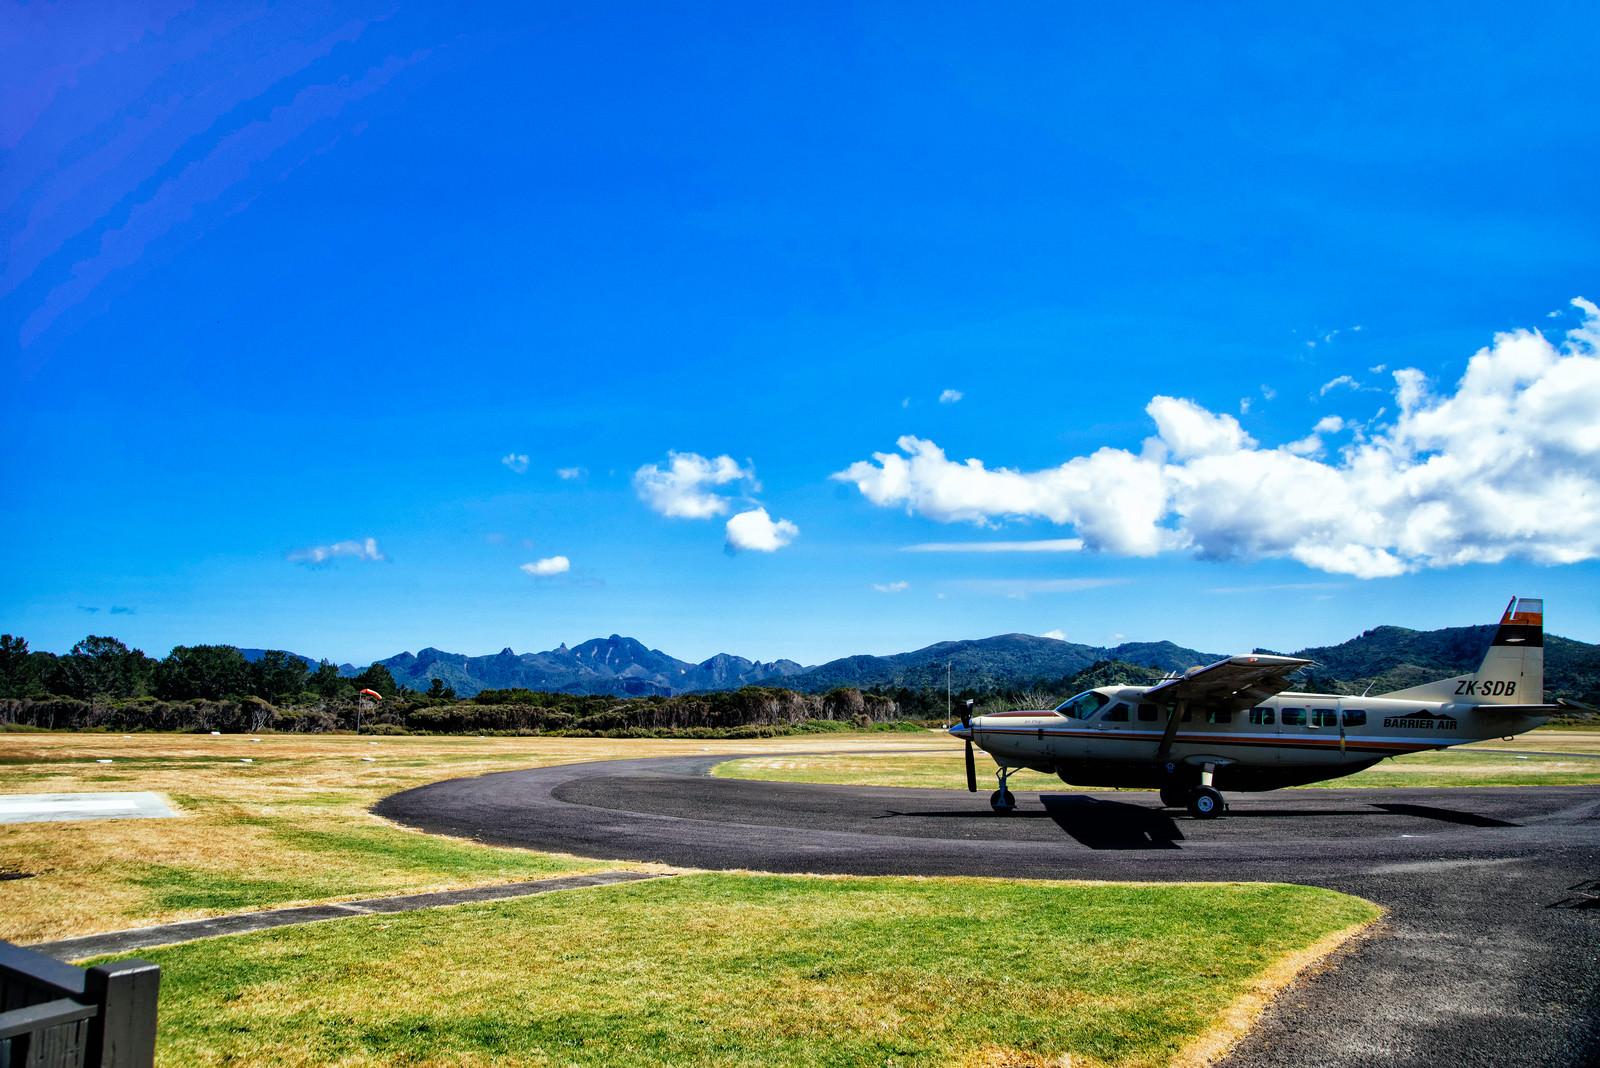 「グレートバリア島の空港に停まる小型飛行機(ニュージーランド)」の写真